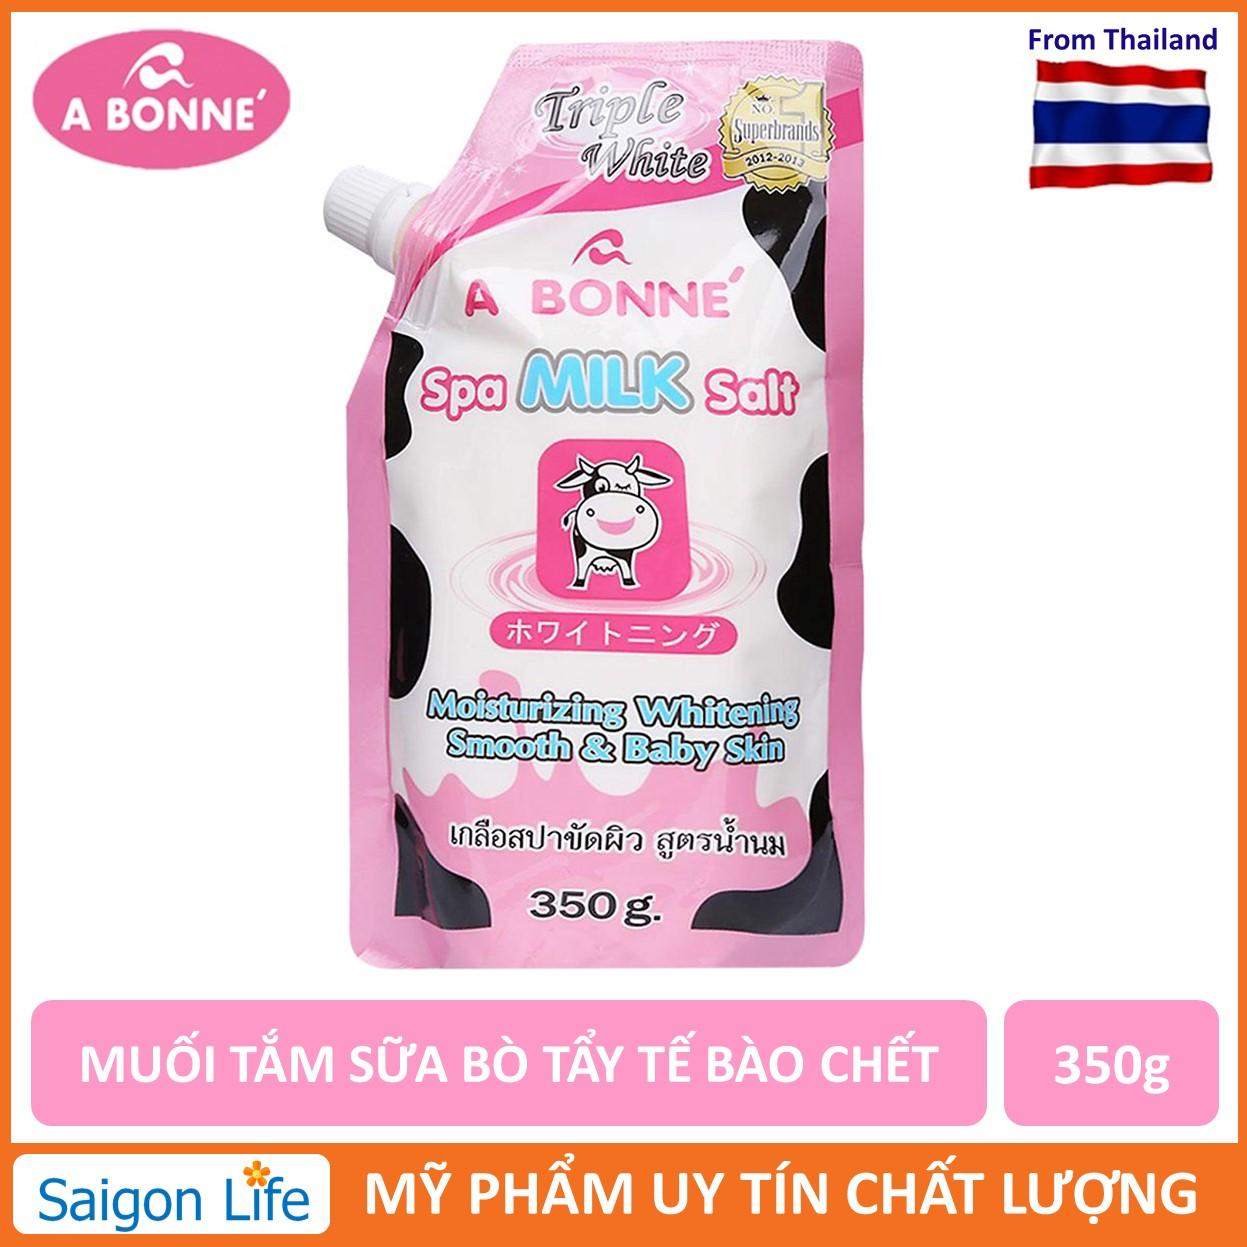 Muối Tắm Sữa Bò Tẩy Tế Bào Chết A Bonne Spa Milk Salt Thái Lan 350gr Đang Có Khuyến Mãi